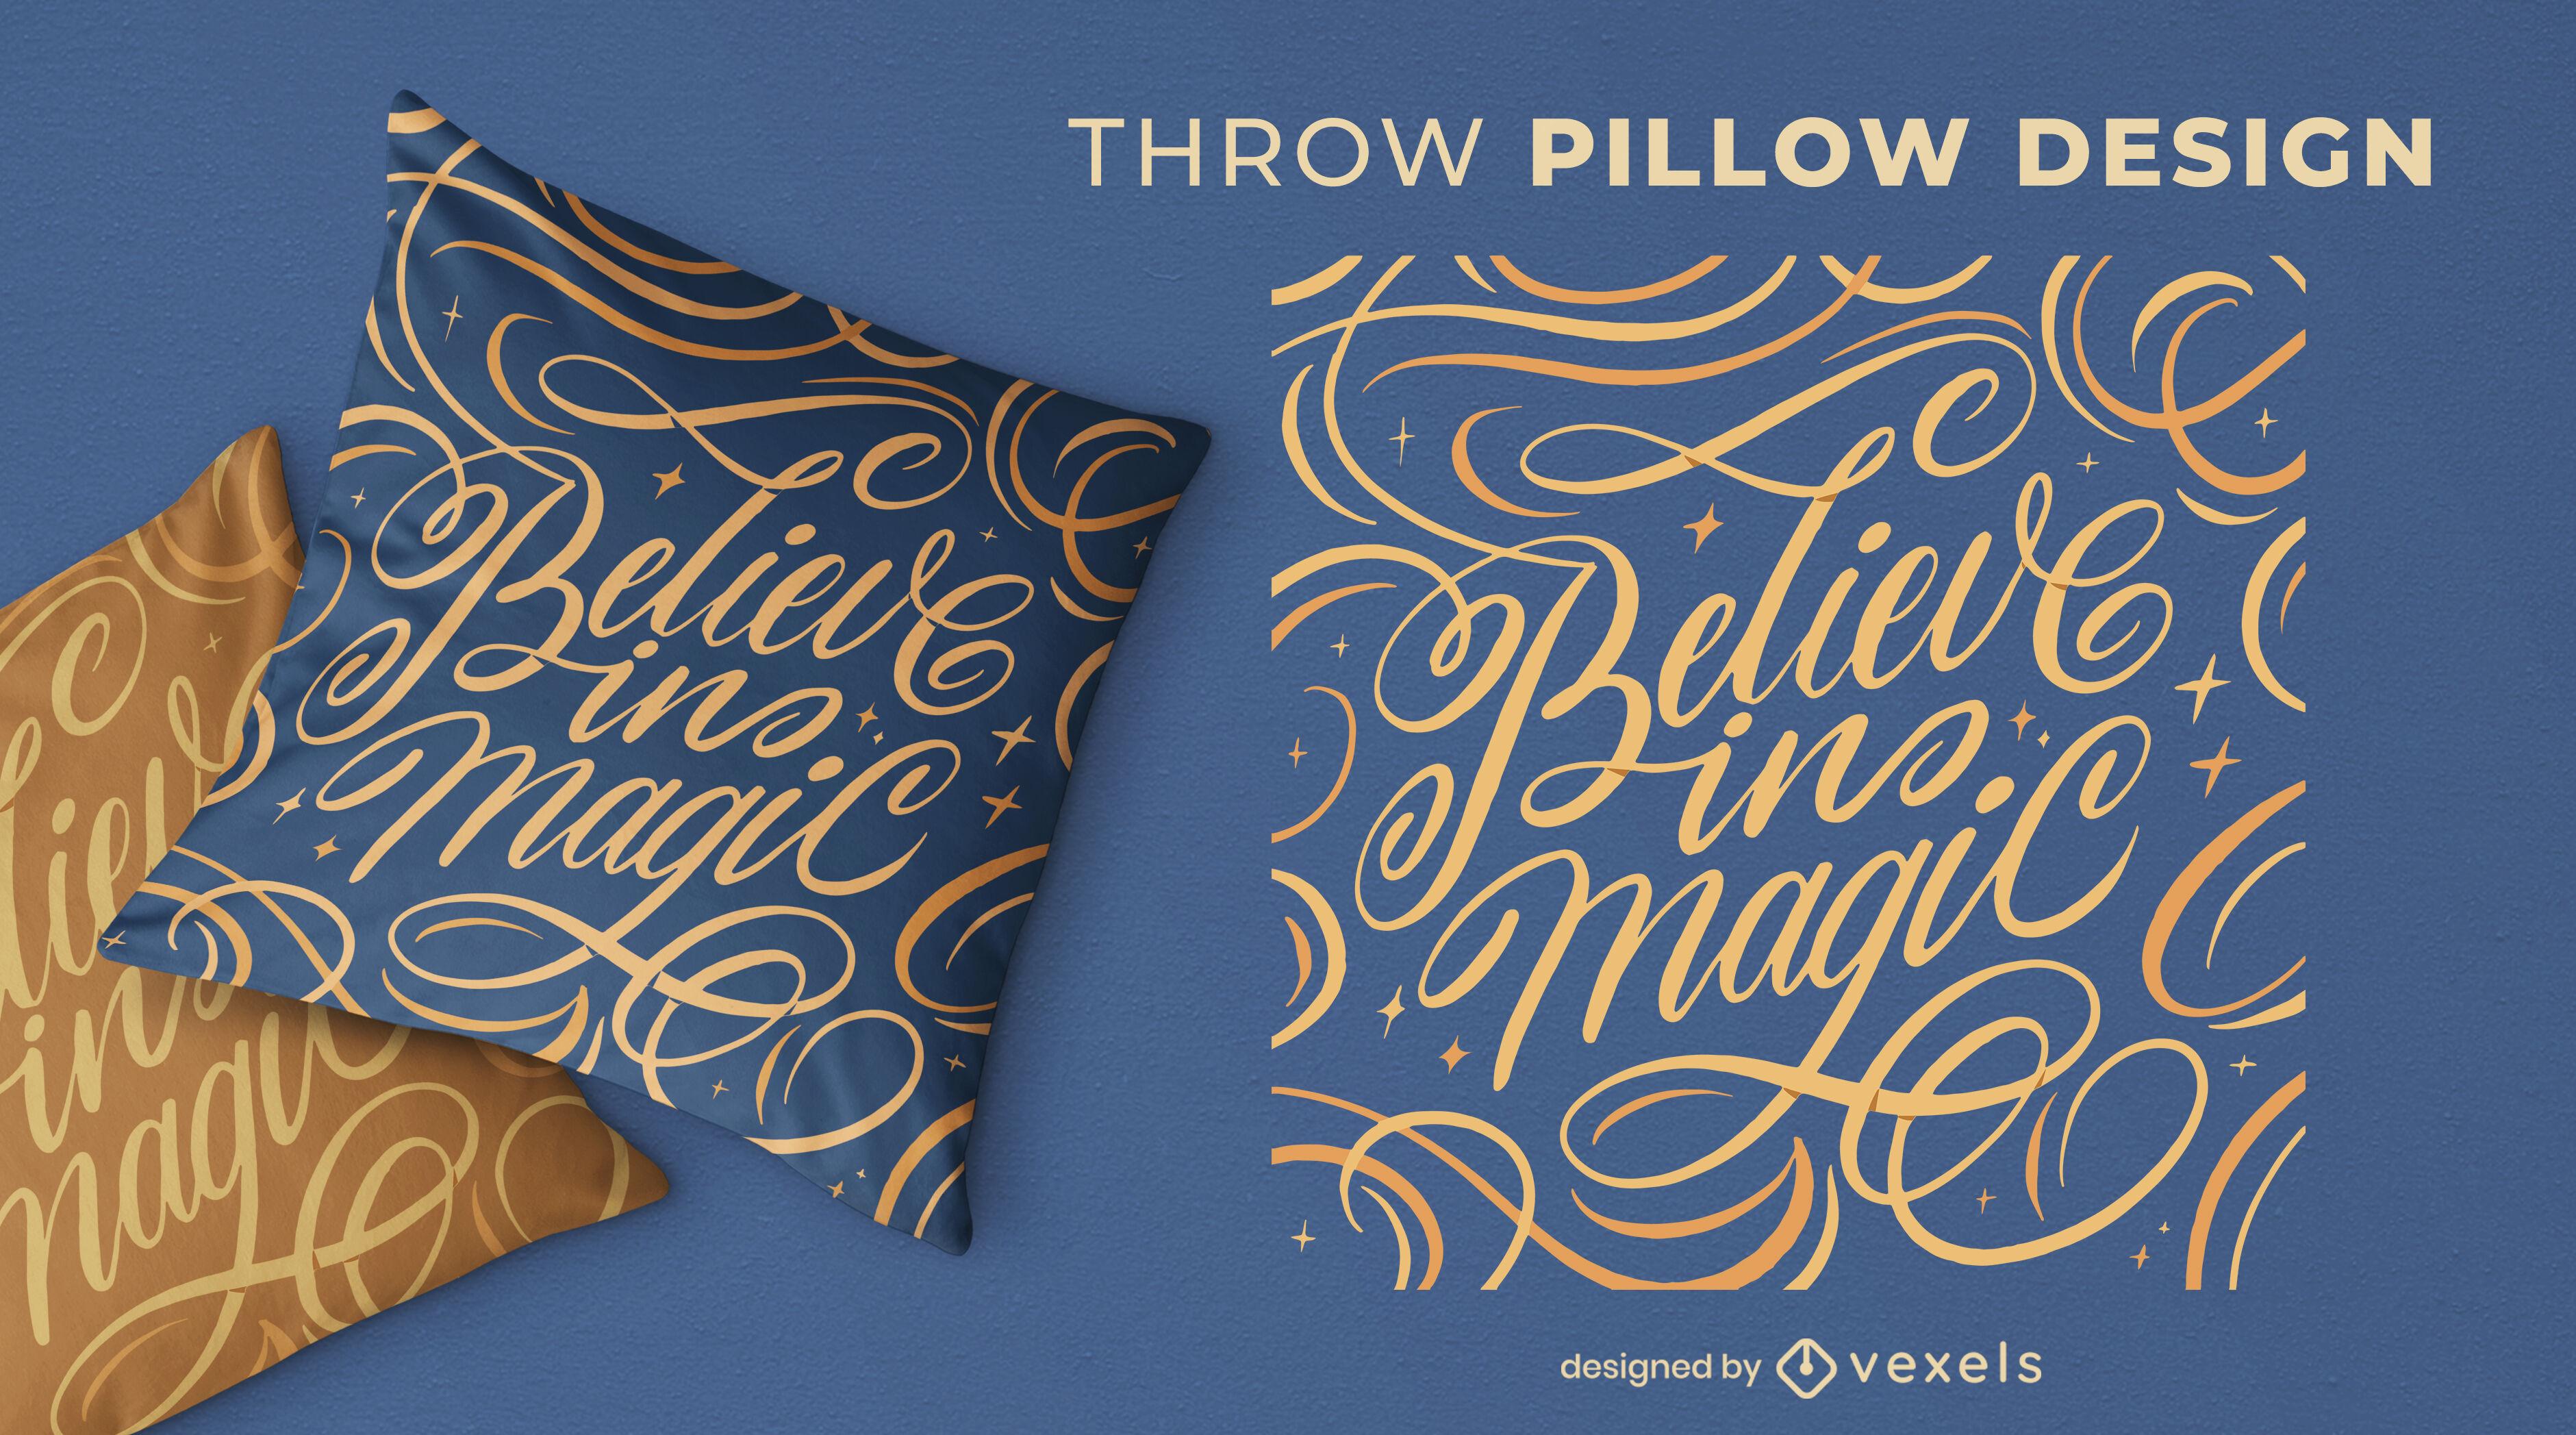 Diseño de almohada de tiro con letras motivacionales